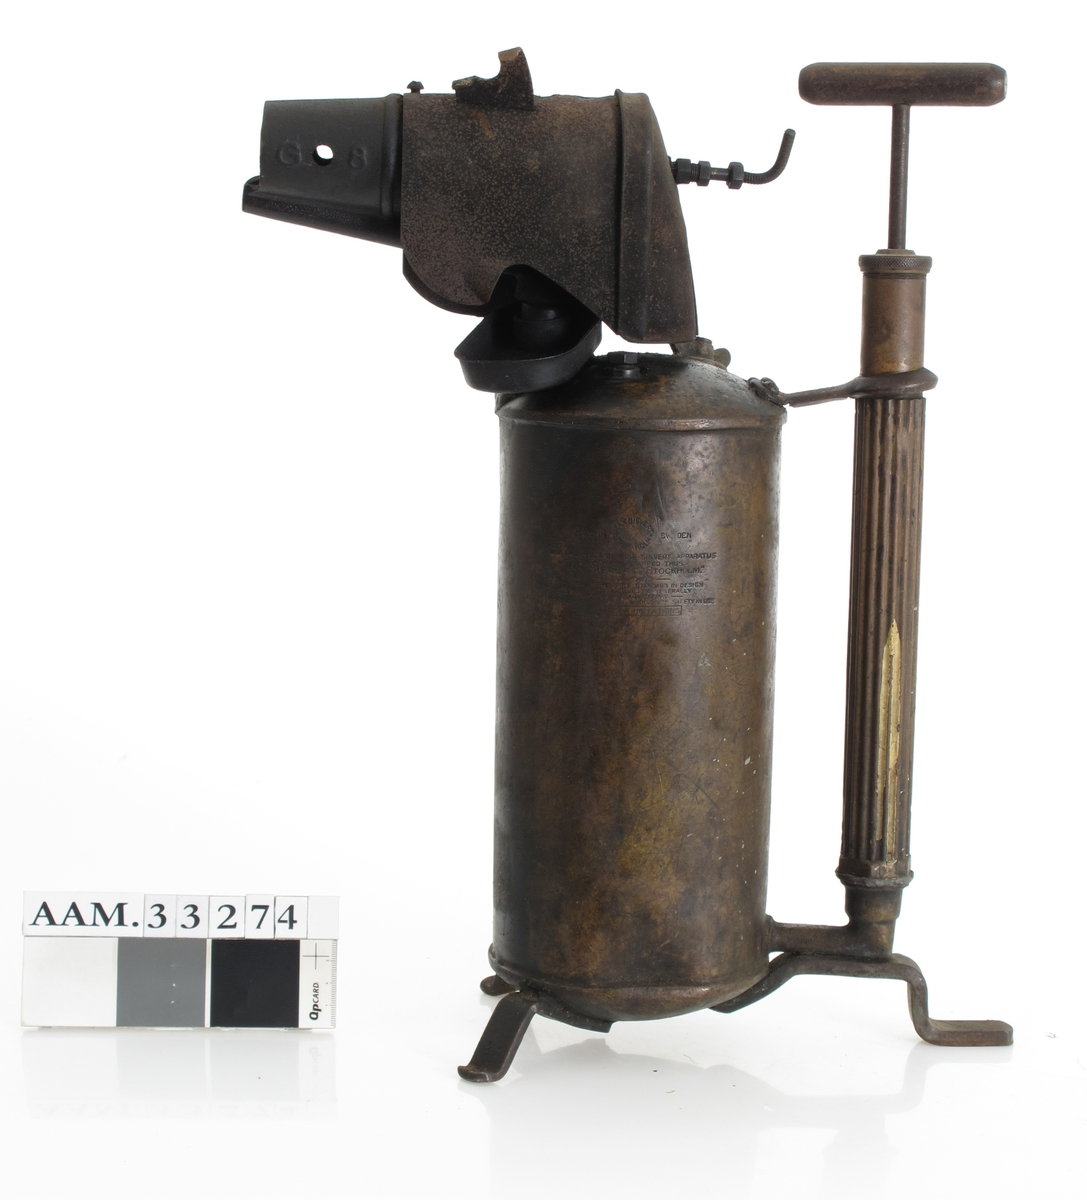 Beholder av messing, med flammerør, pumpe og føtter. Stemplet av produsenten.